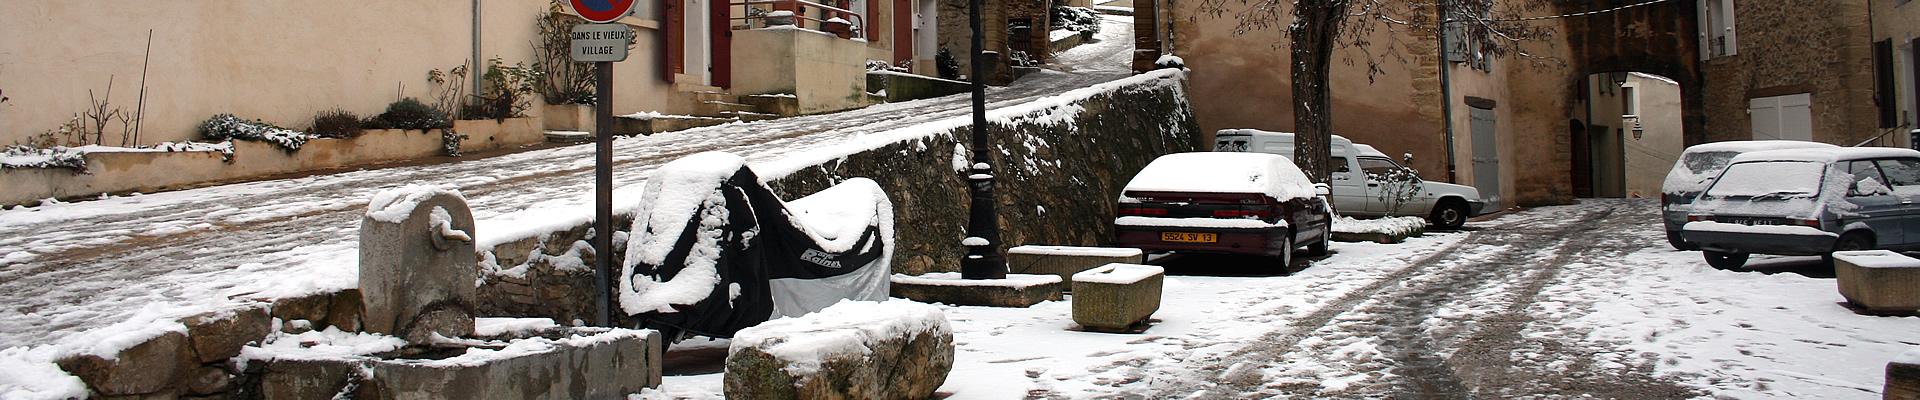 ruelles-neige_IMG_3503